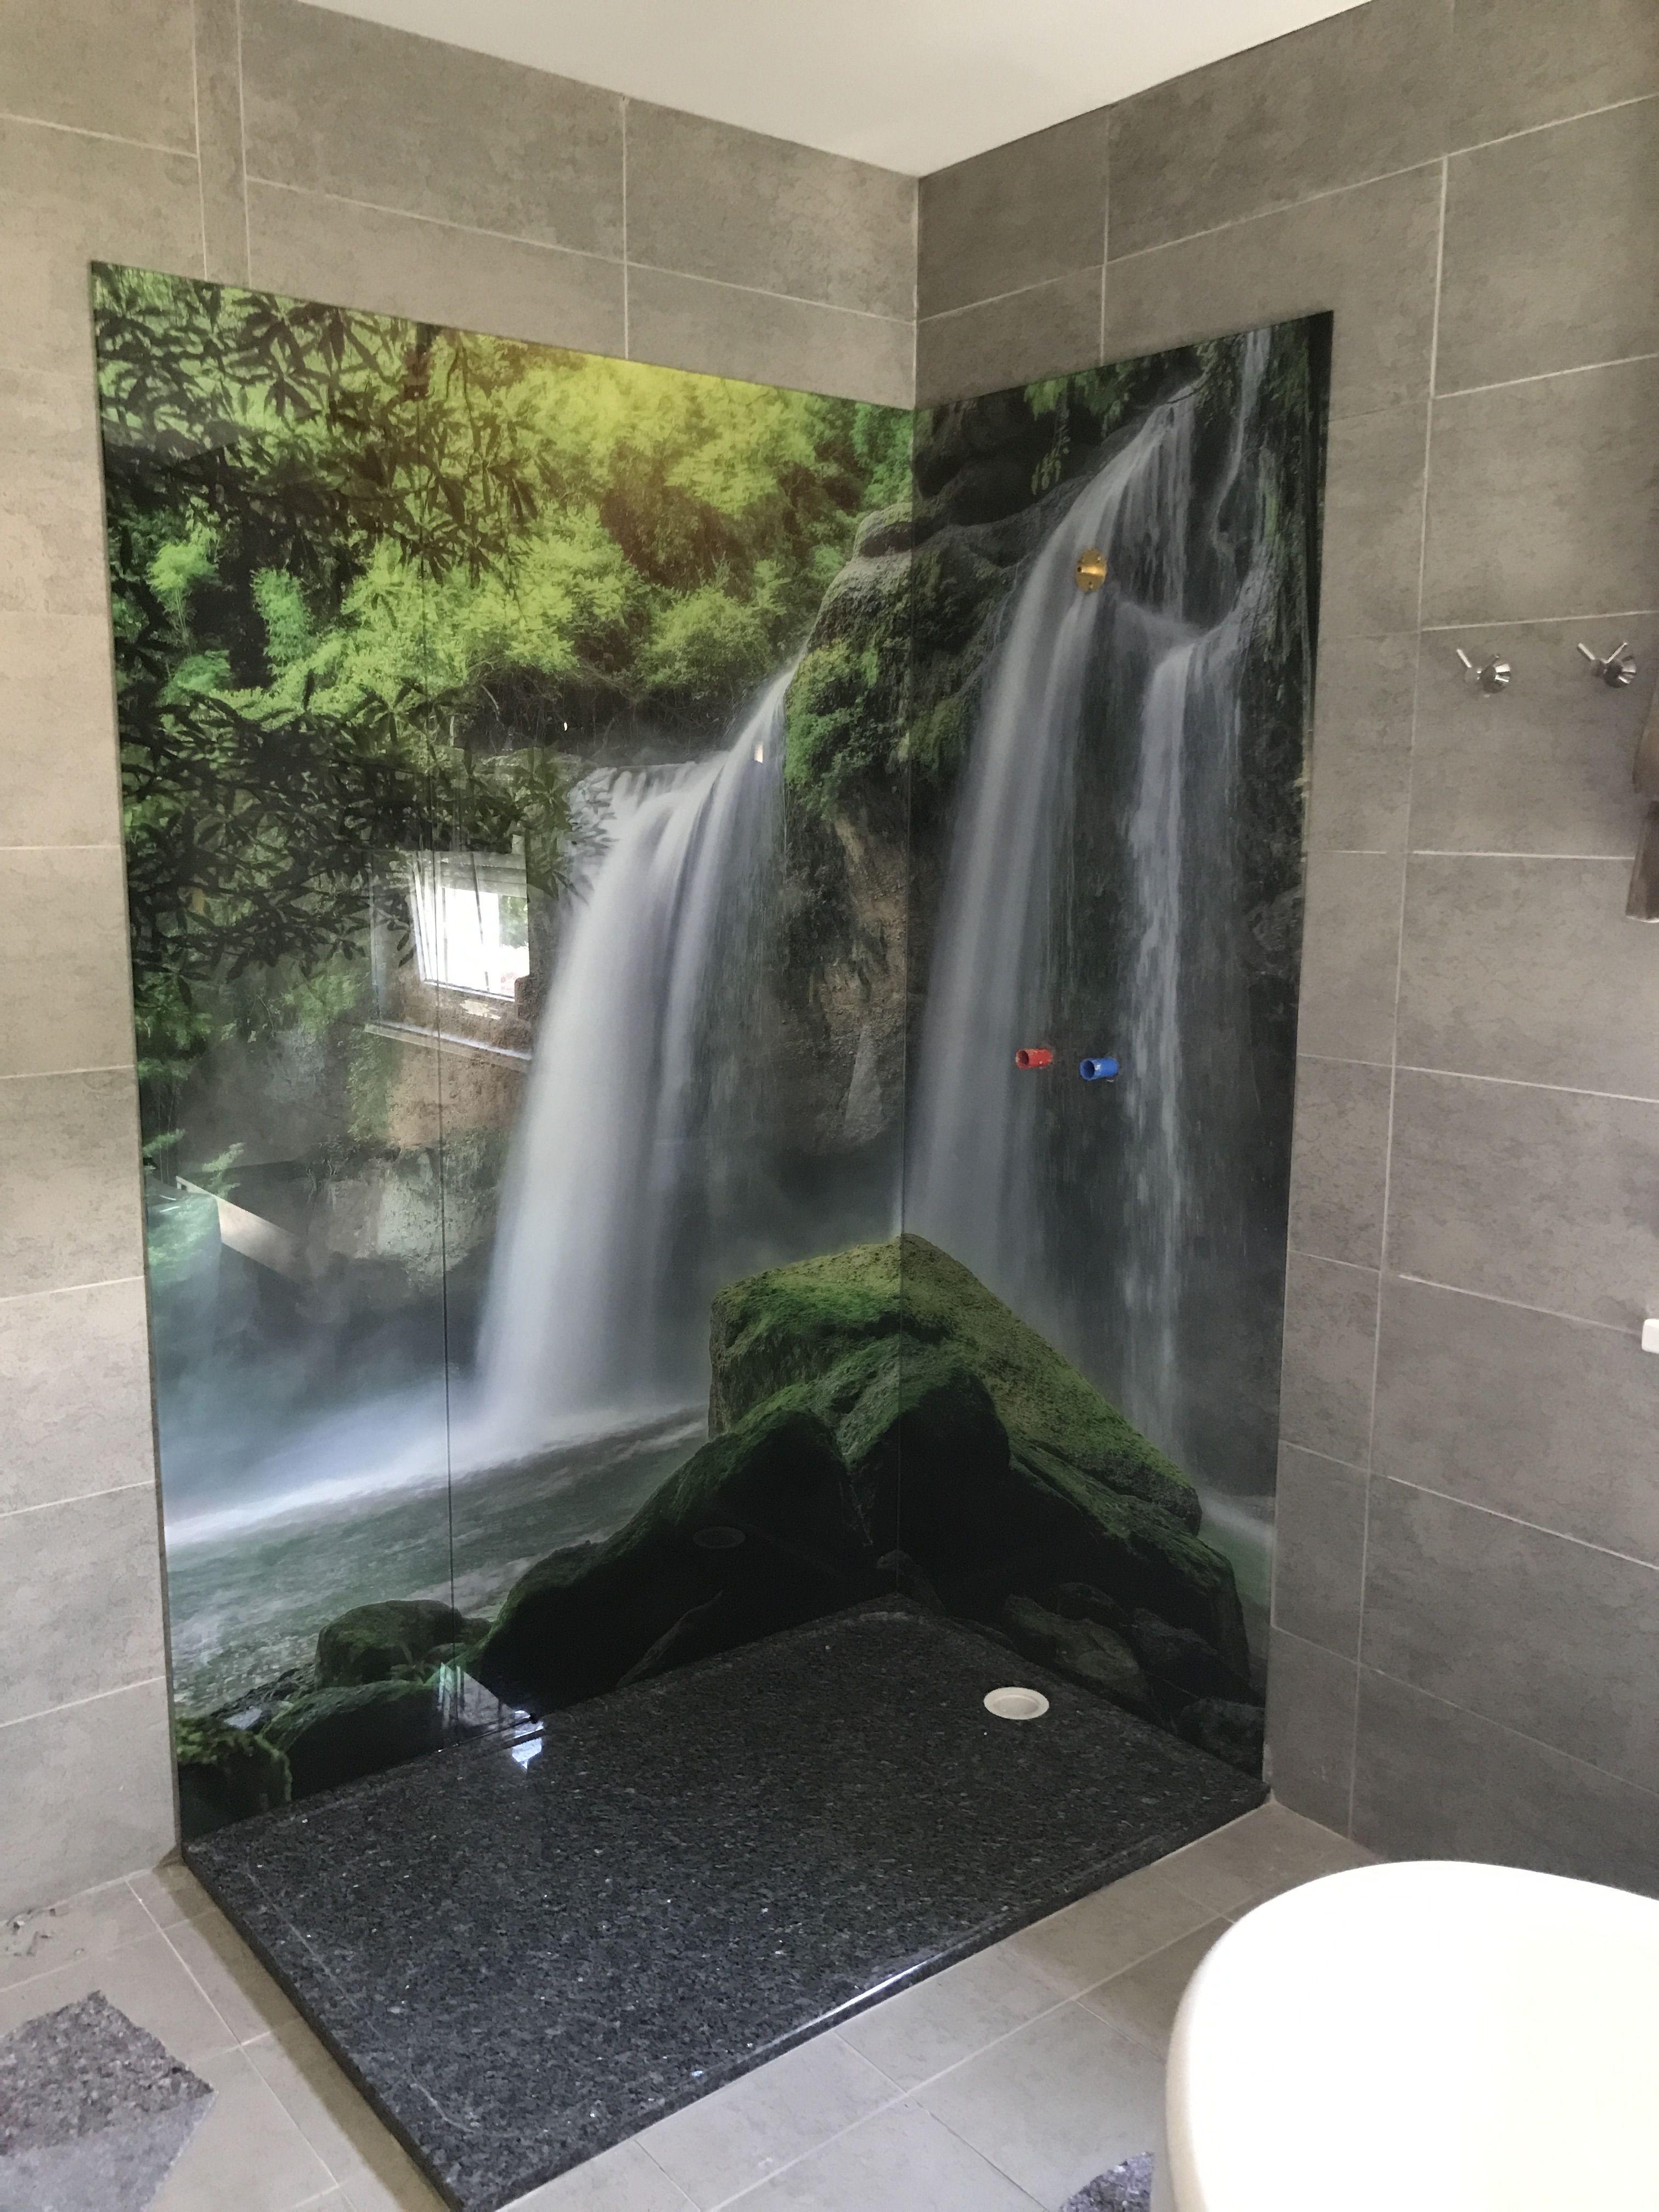 Ruckwand Der Dusche Aus Glas Bedruckt Wasserfall Dusche Selber